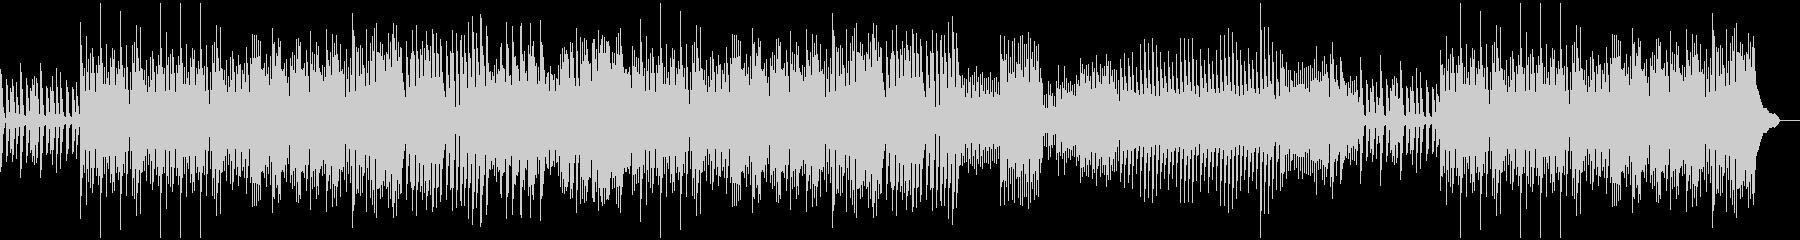 エキゾチックなピアノソロの未再生の波形